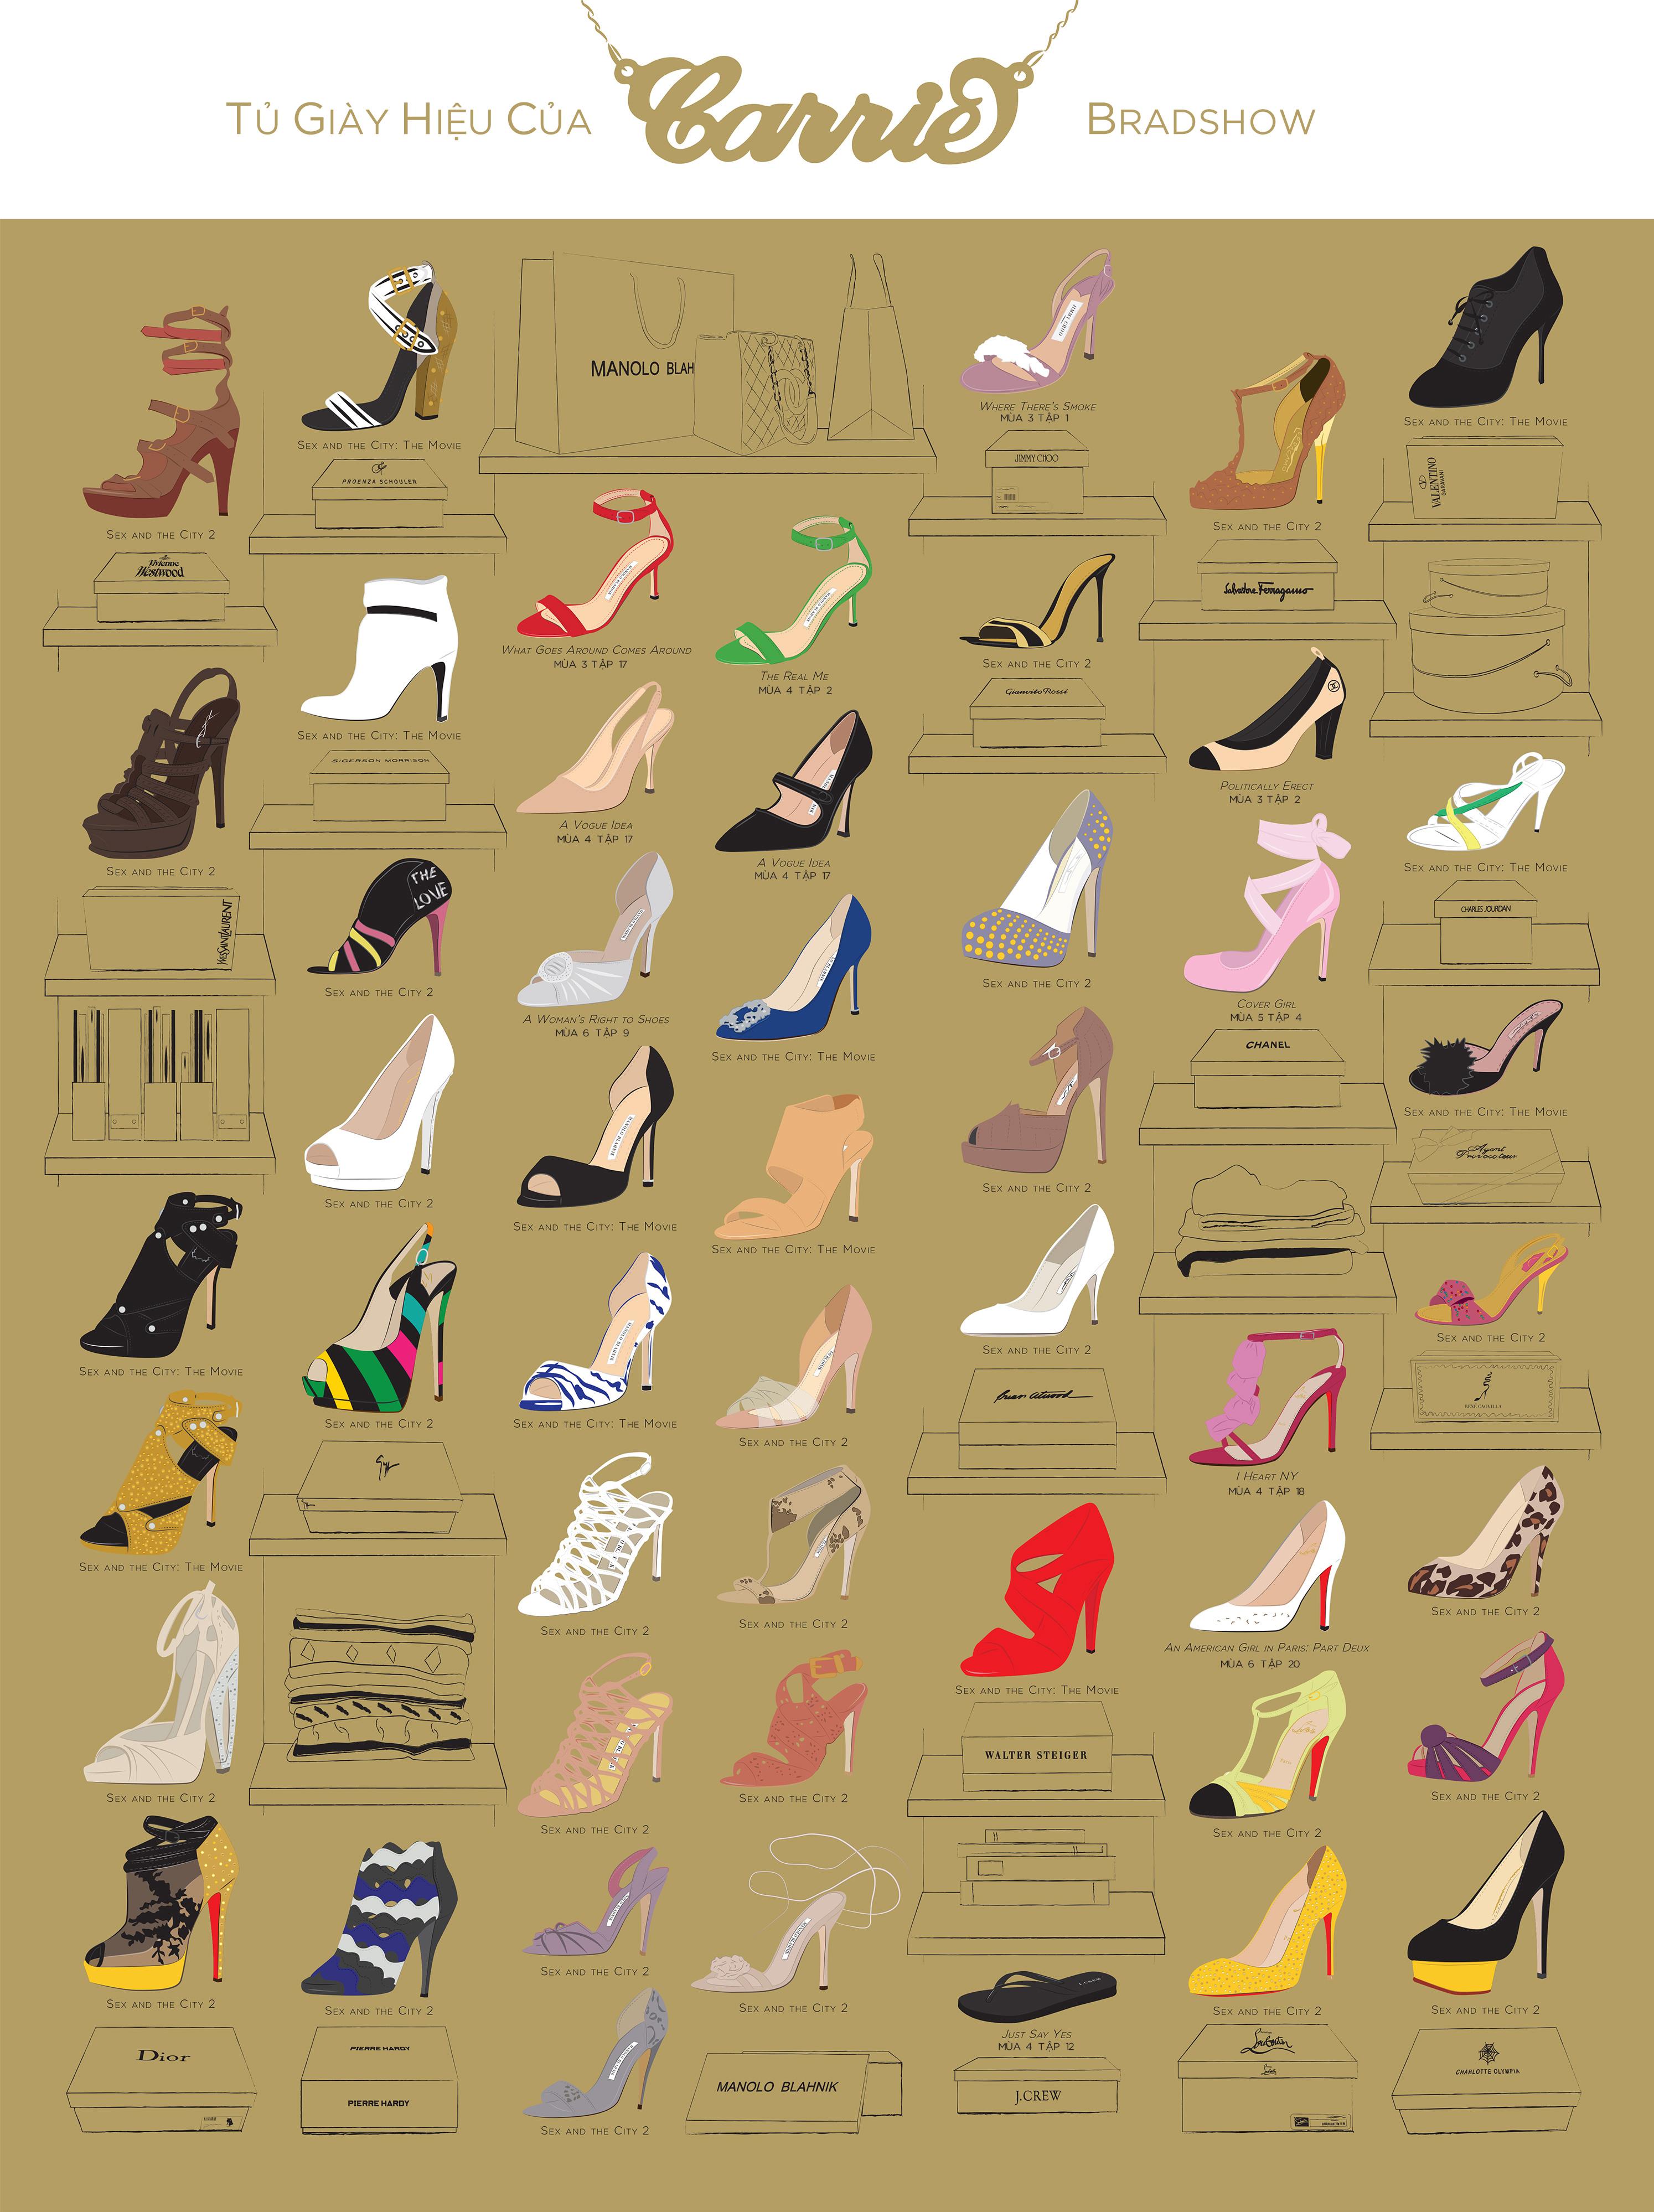 Tủ giày hiệu của nữ chính phim 'Sex and the City'